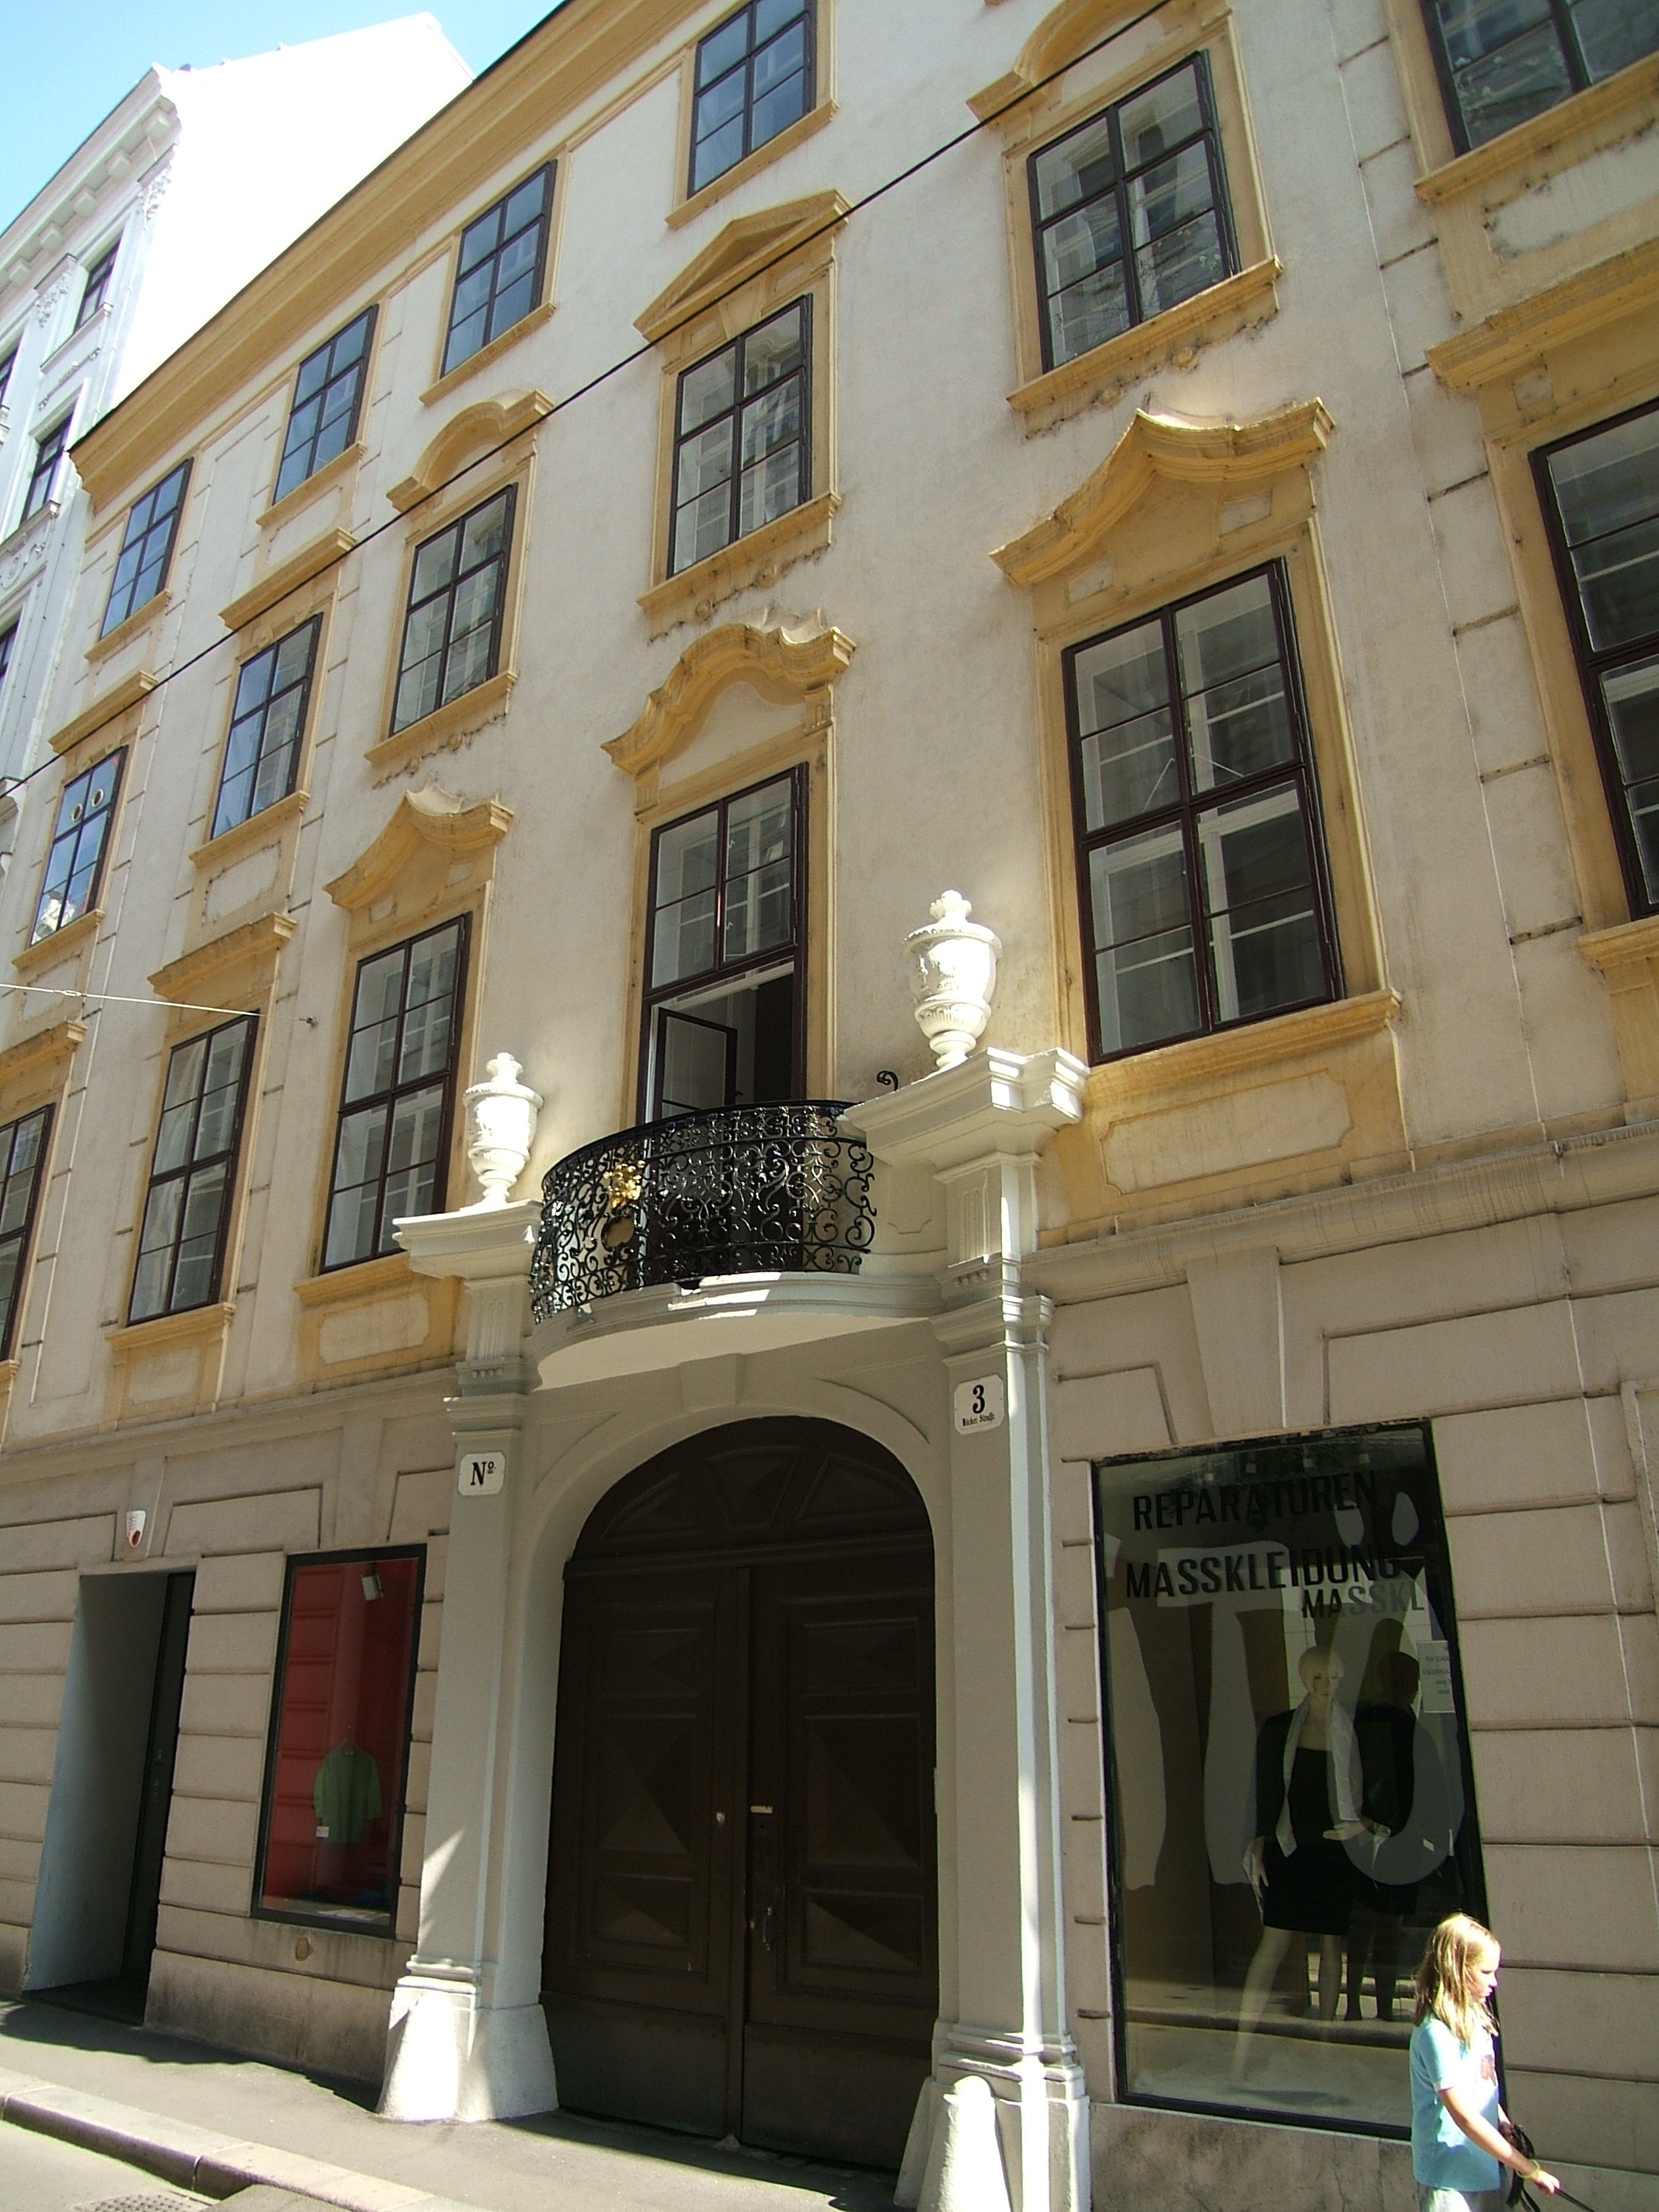 Bäckerstraße 3.jpg